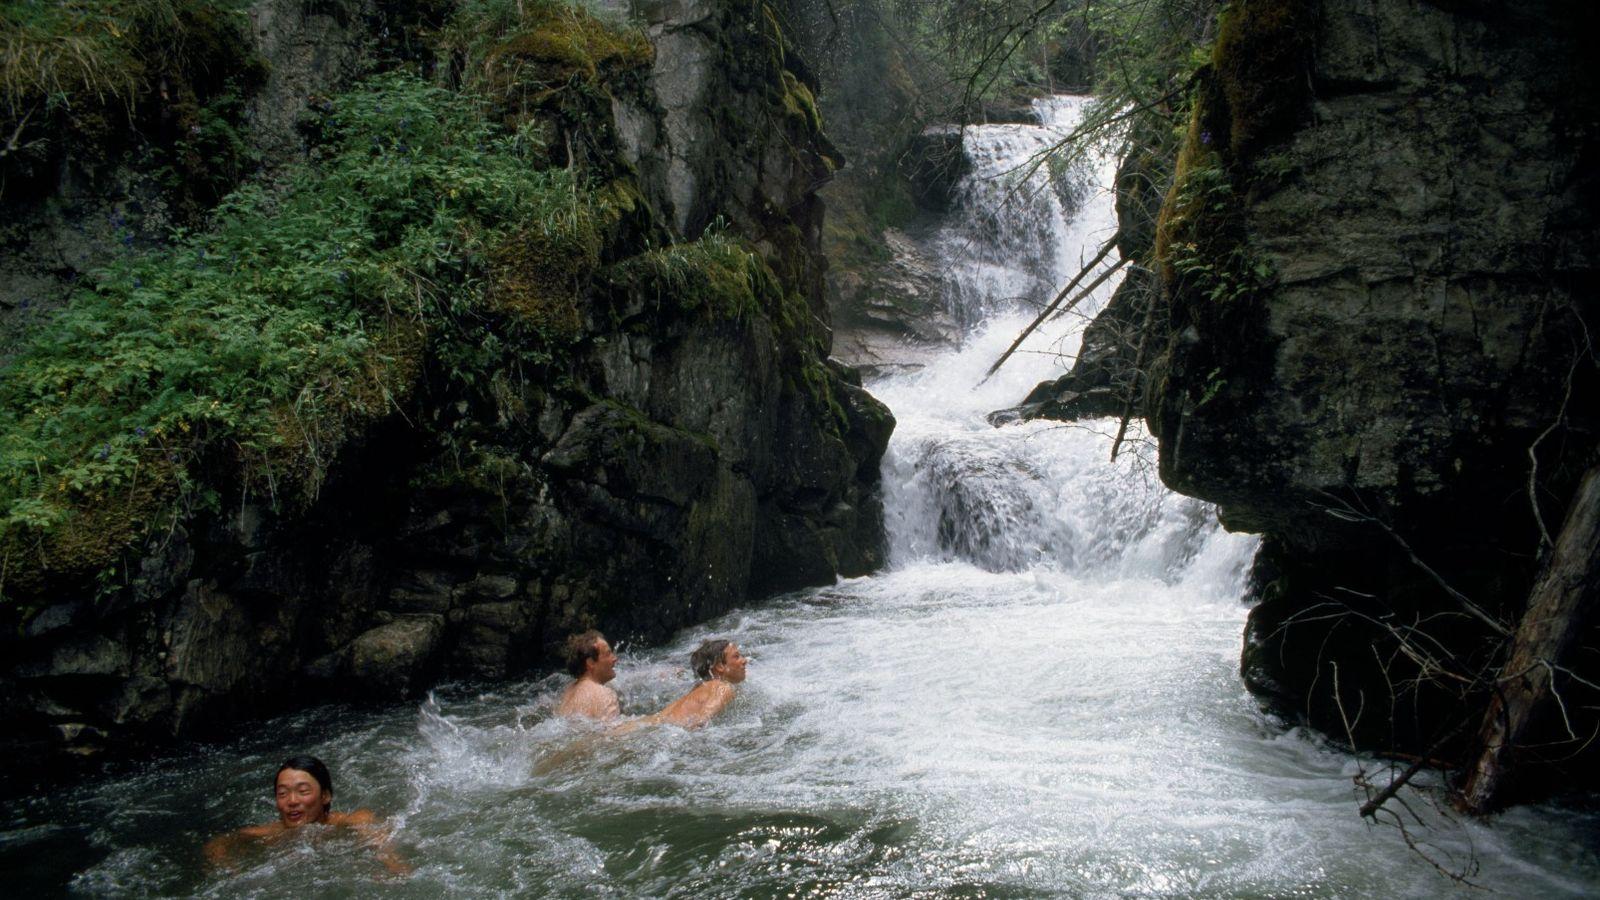 Caminhantes nadam nas águas frias de Steamboat Creek